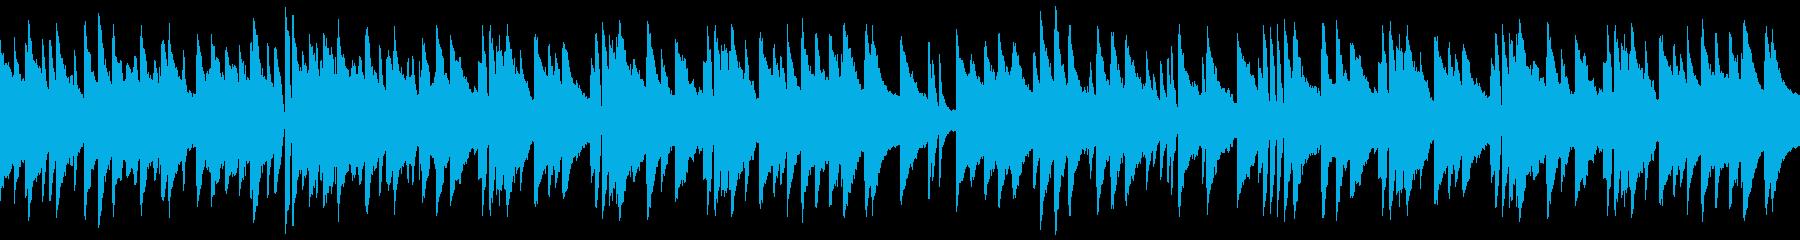 落ち着いた雰囲気のジャズピアノソロループの再生済みの波形